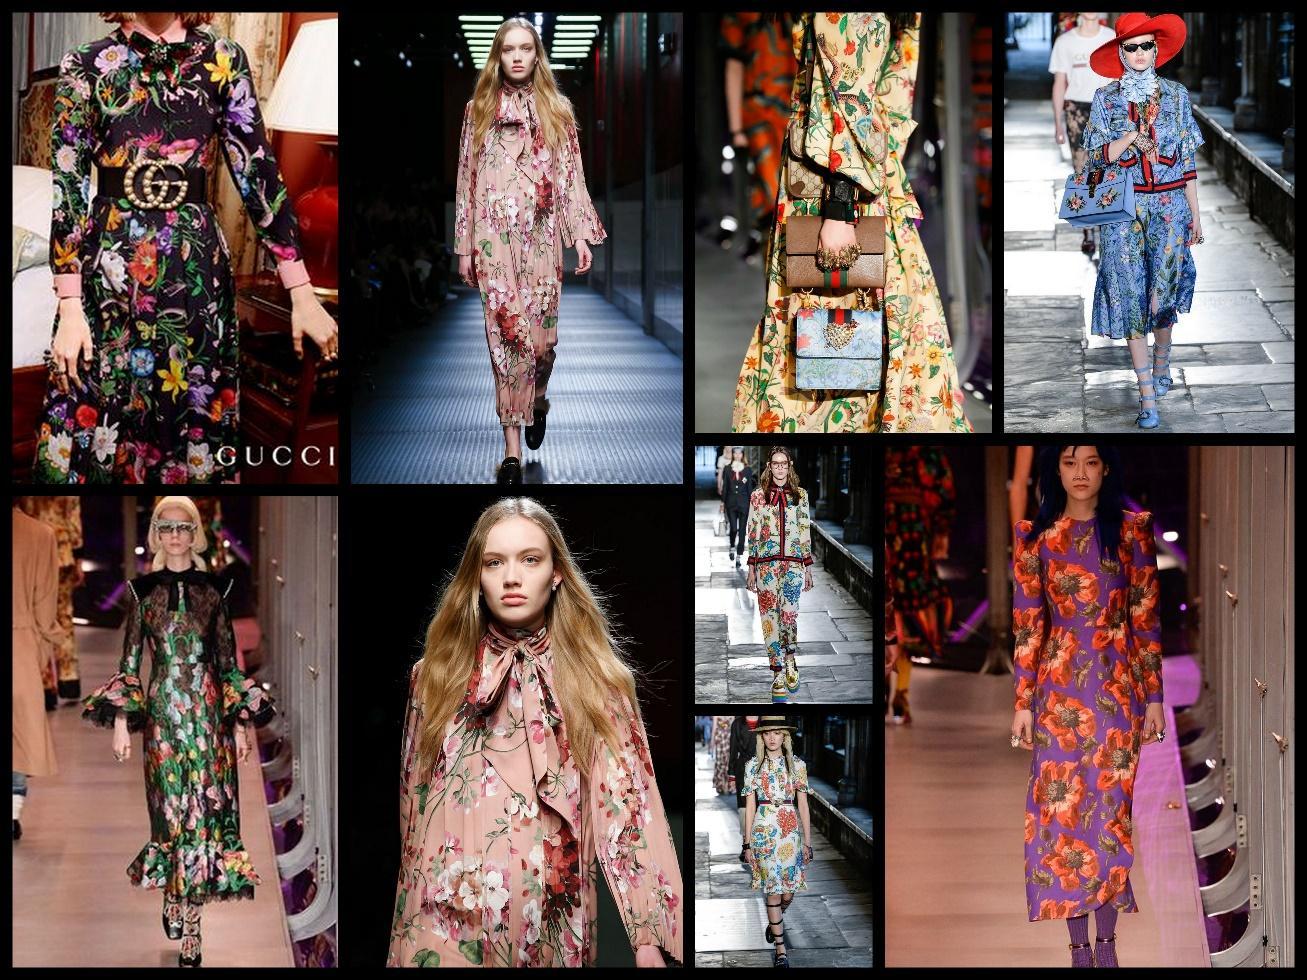 Последняя коллекция Весна – Лето 2017, Осень – Зима 2017-2018 от Gucci – настоящий цветочный бум!